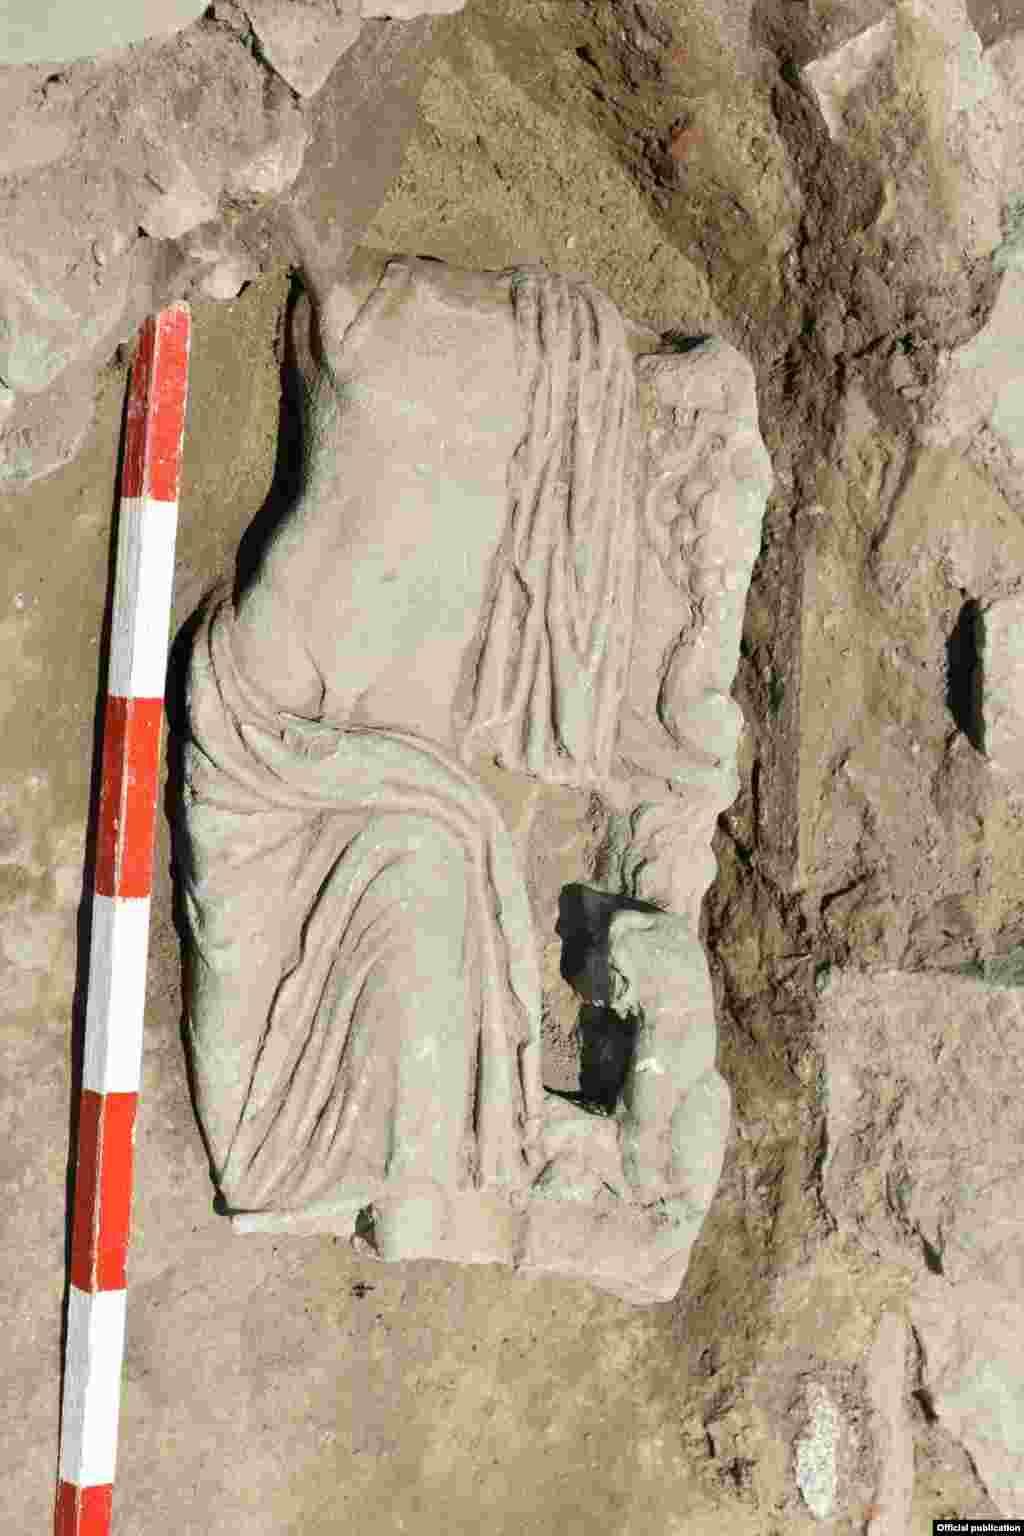 Скулптурата го претставува богот на виното, плодноста, театарот и религиозната екстаза потпрен на стебло обвиено со винова лоза од која висат гроздови. Дионис е полугол, со наметка околу неговото лево рамо и долната половина од телото. До неговата лева нога е претставен пантер, кој е еден од неговите главни симболи, покрај виновата лоза, бршленот, тирсот (специфичен стап со врв од шишaрка) и кантаросот (пехарот) со вино.